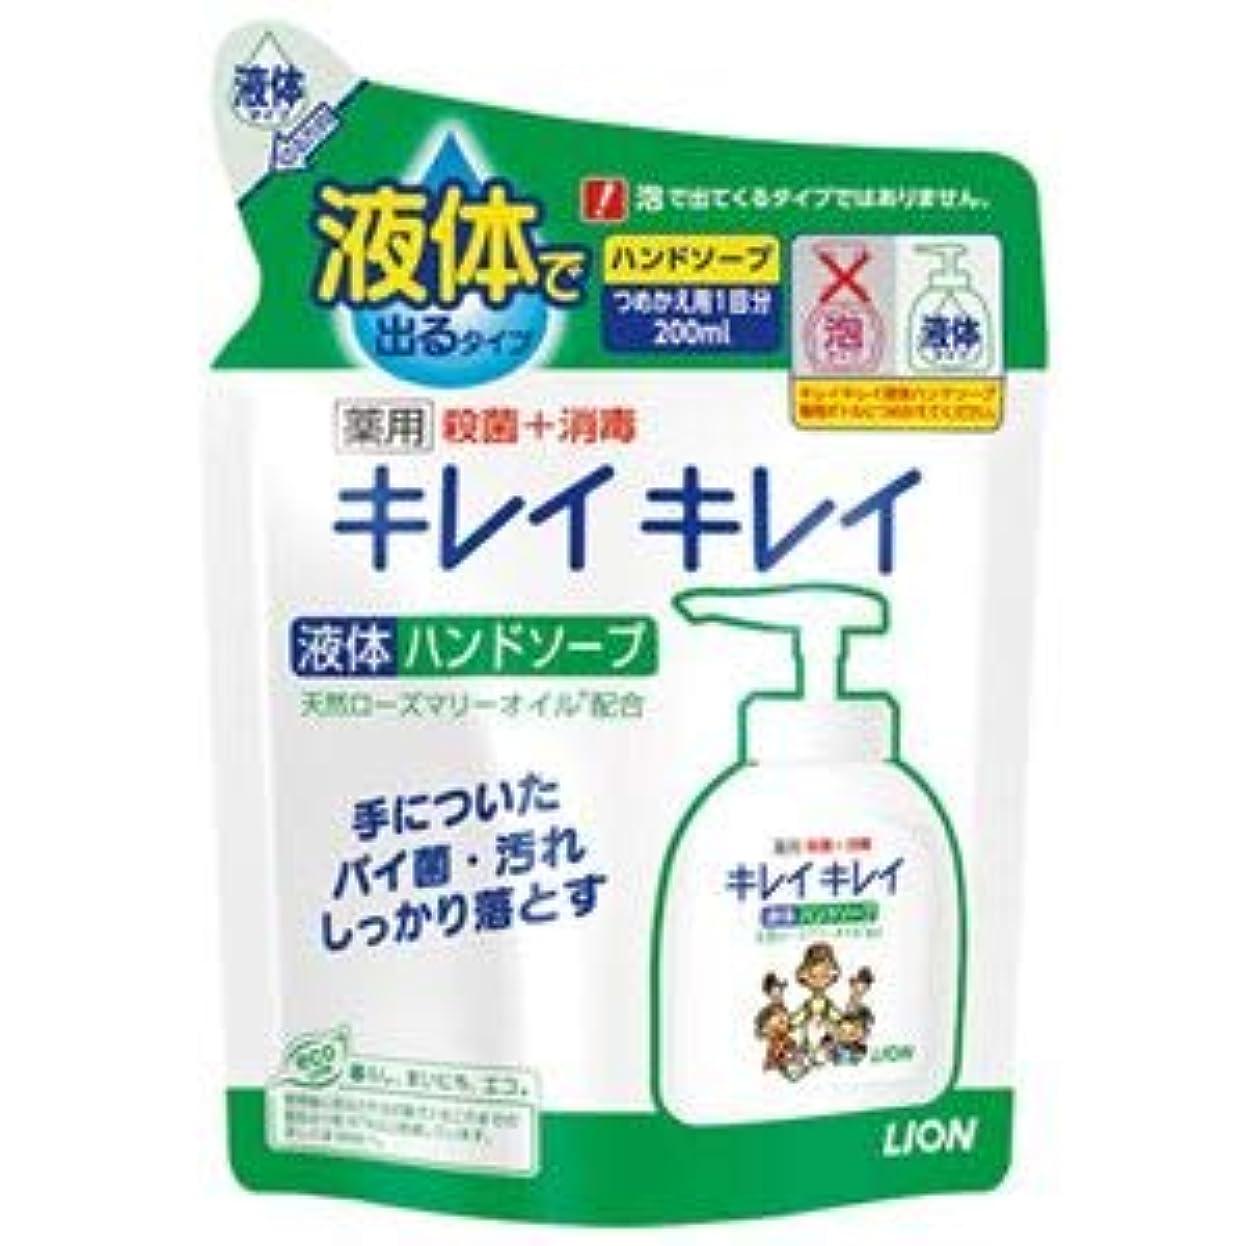 結果として意志備品(まとめ) ライオン キレイキレイ 薬用ハンドソープ 詰替用【×30セット】